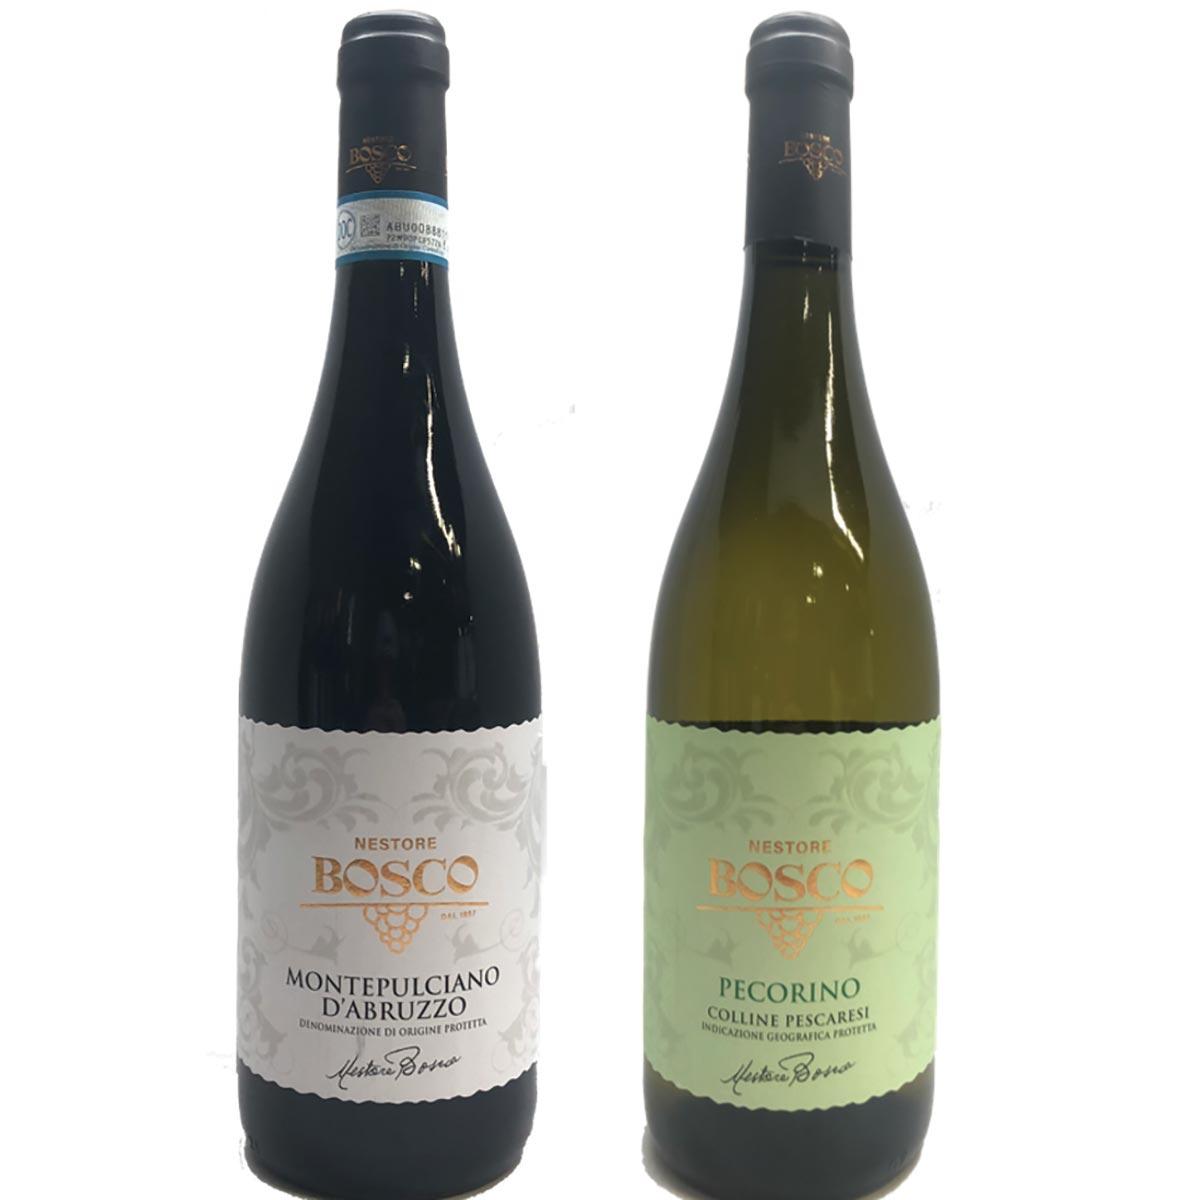 Votto Vines Adds Nestore Bosco Abruzzo Wines